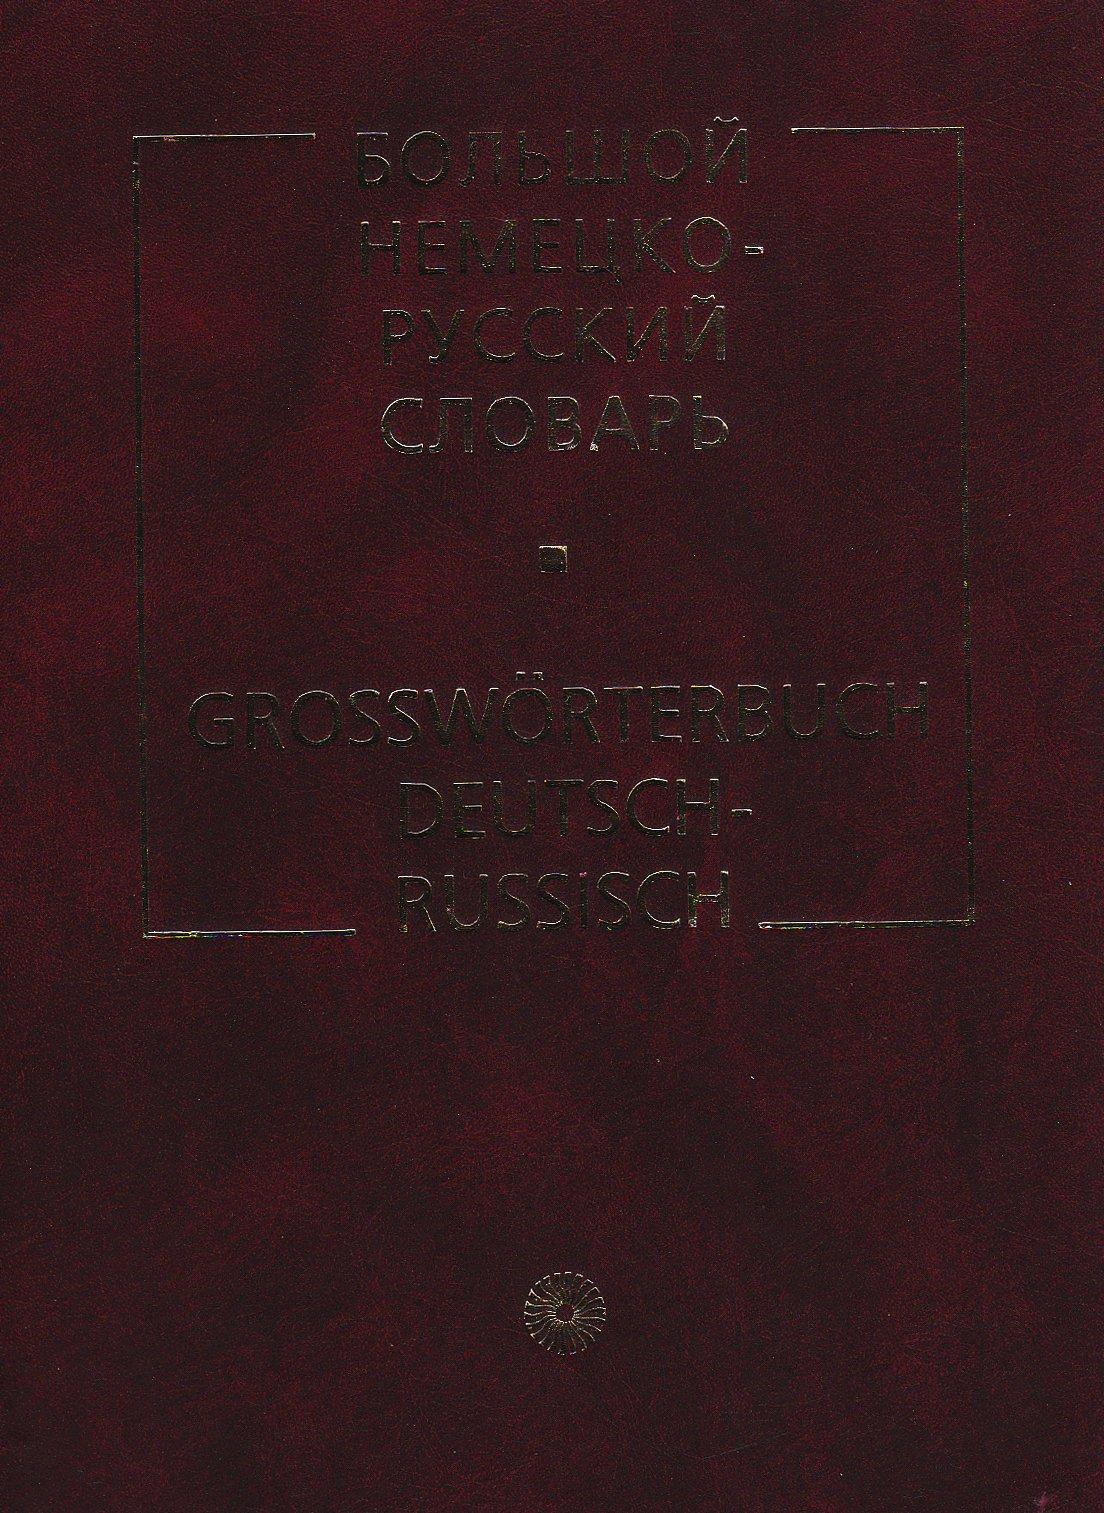 Großwörterbuch Deutsch-Russisch; Nemecko-russkij slovar'